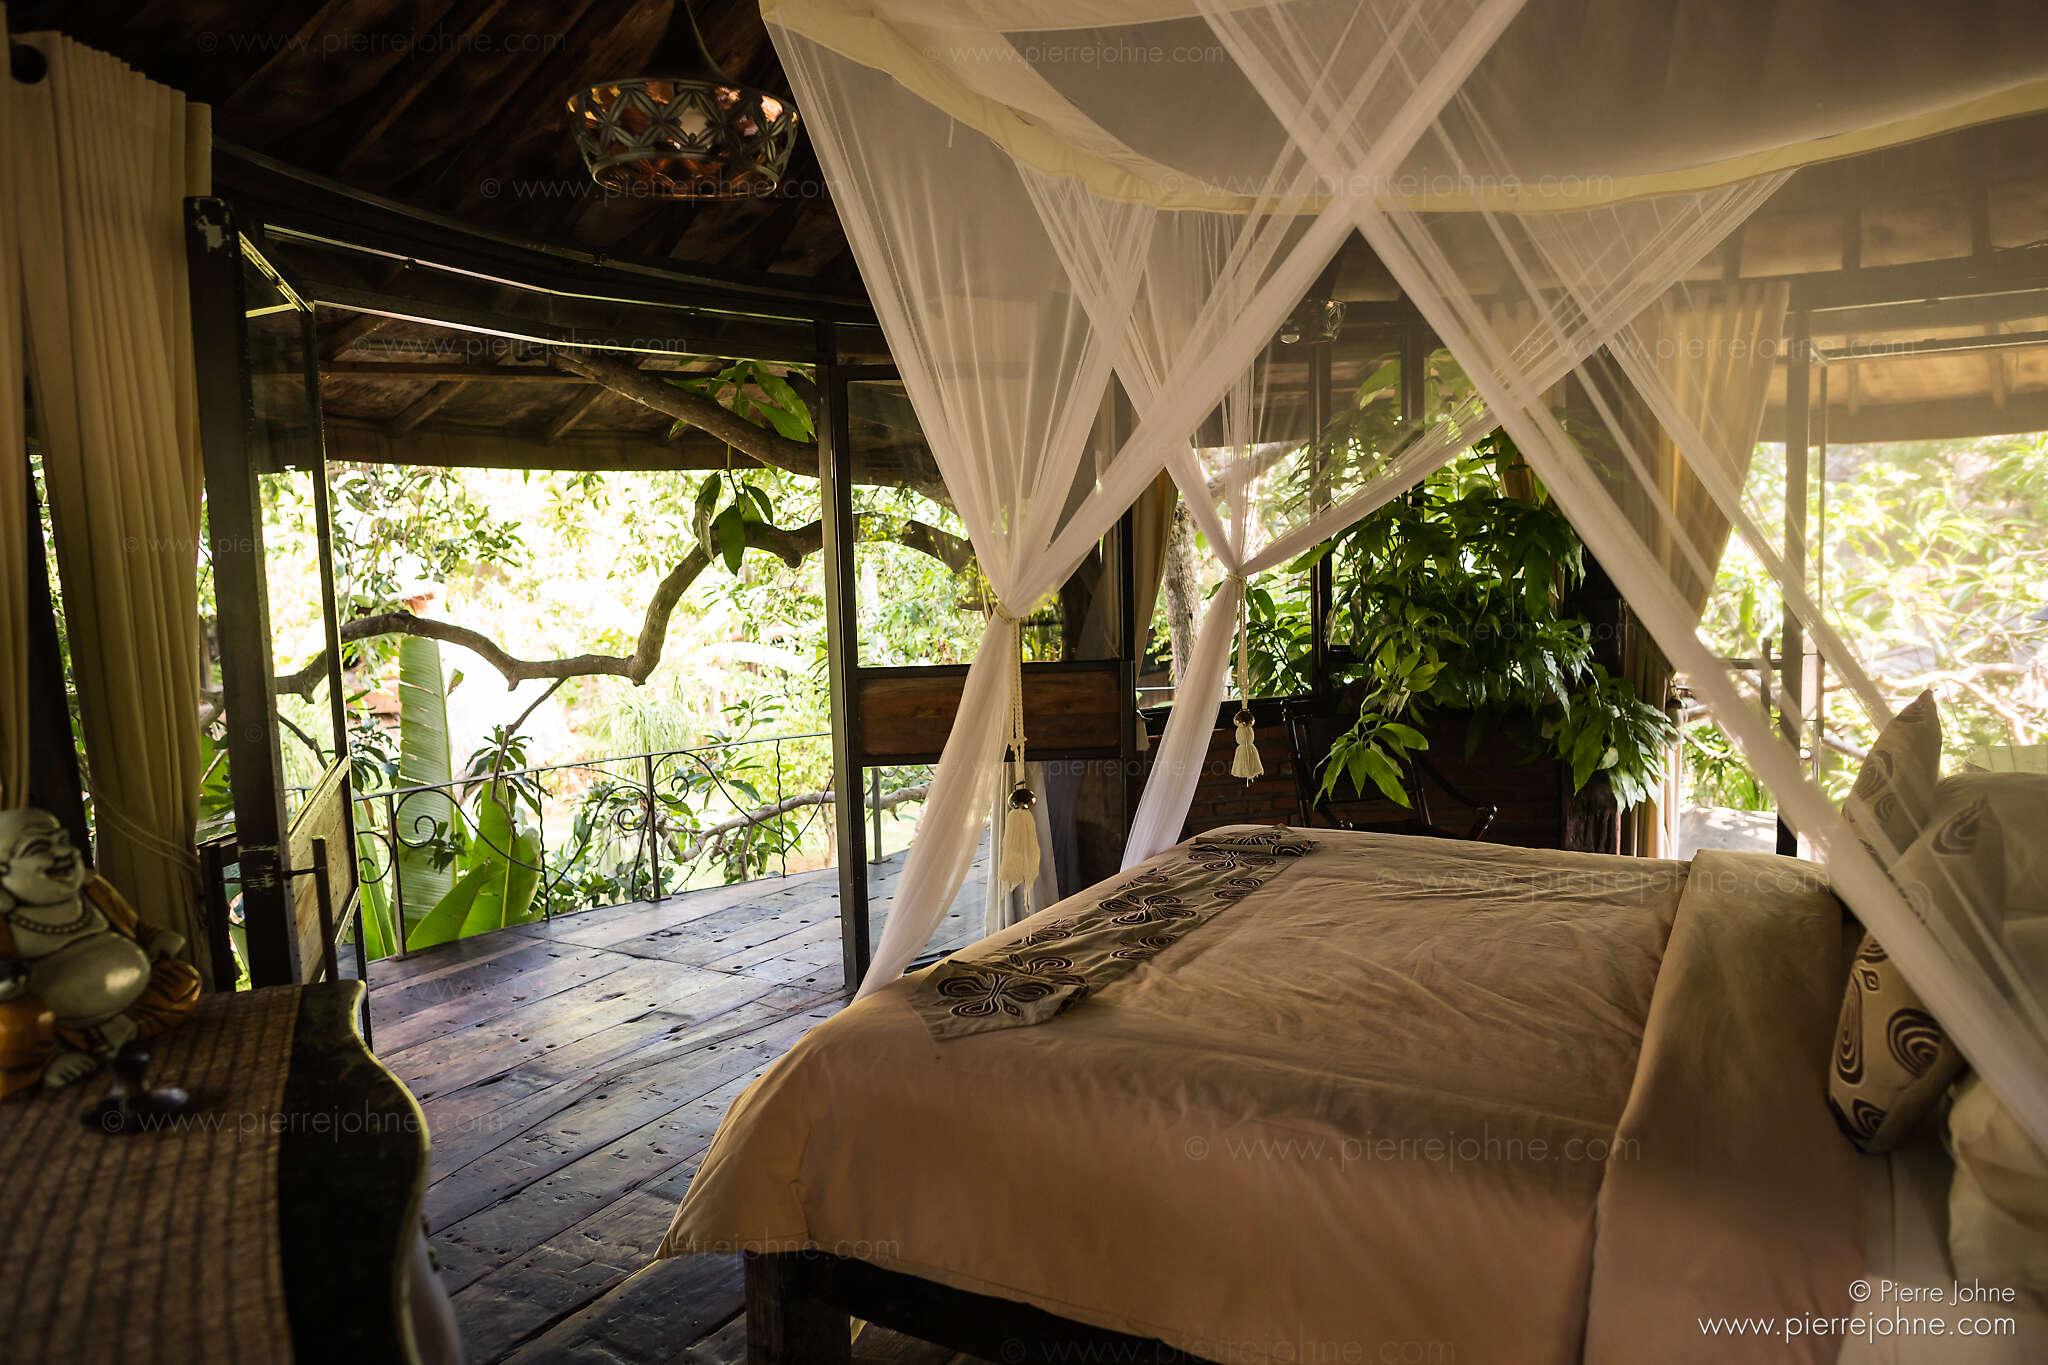 The Alchemist Lodge, Badung, Bali, Indonesia